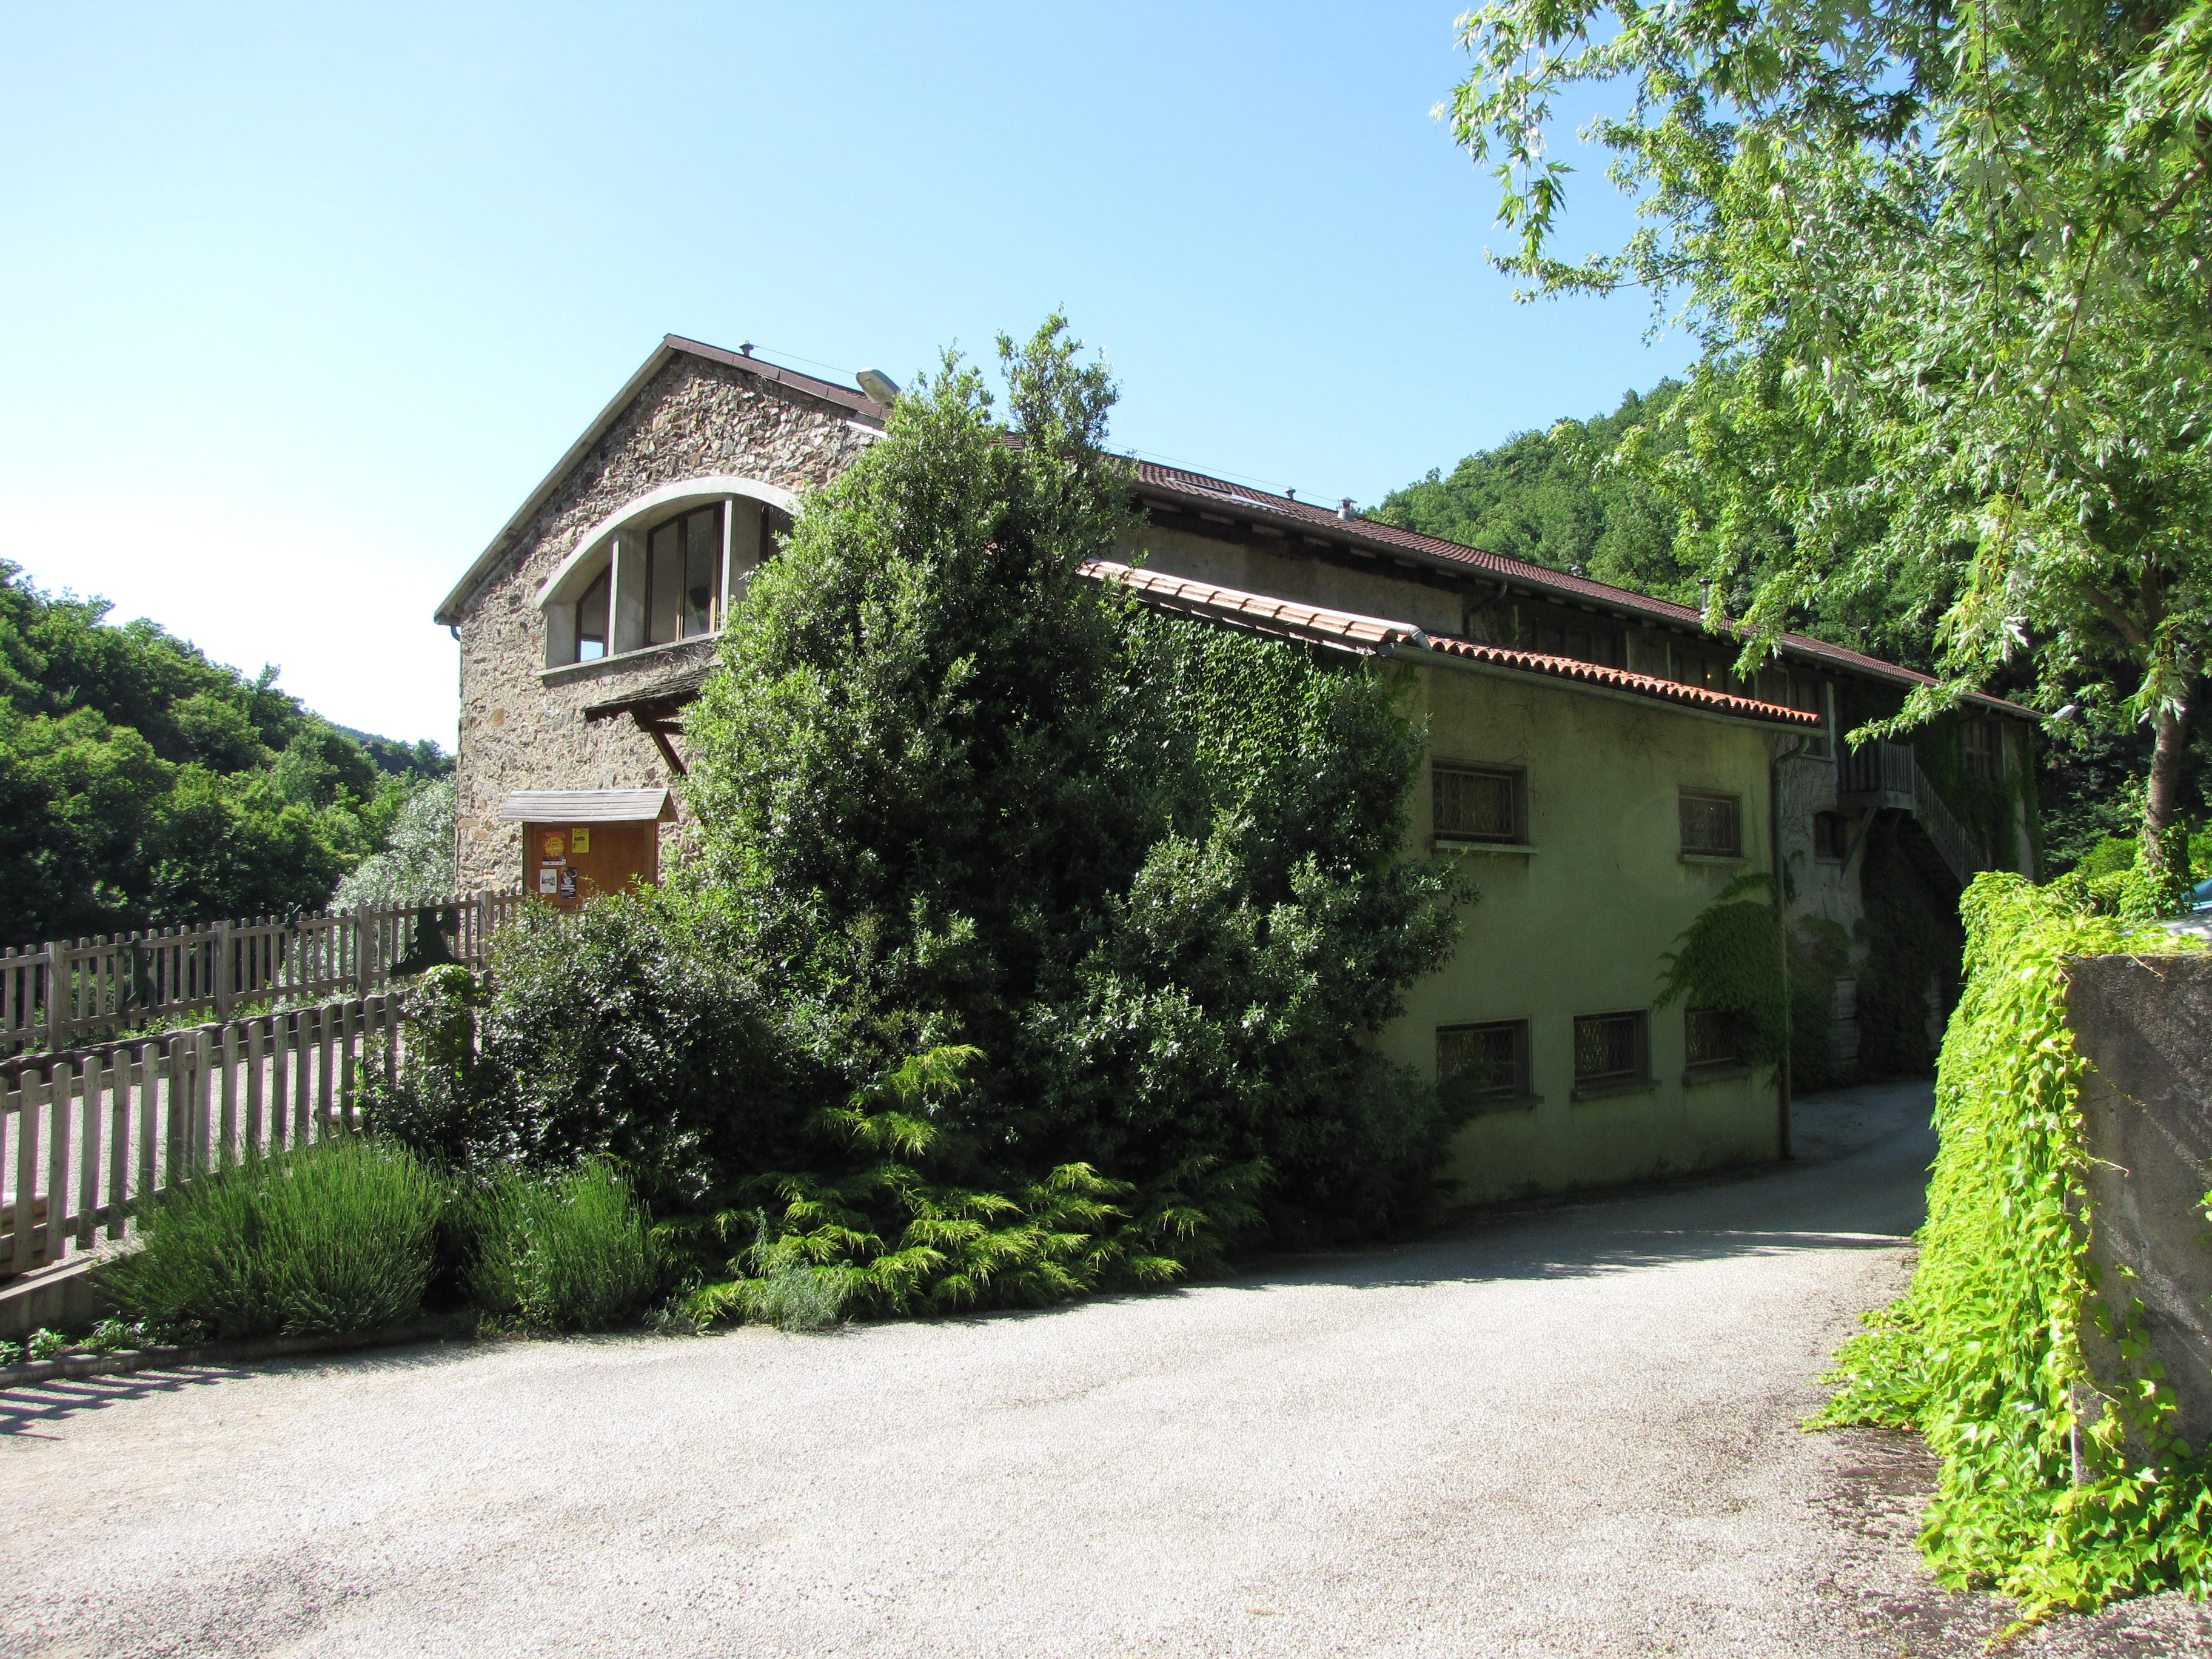 maison du bois et du jouet tourisme patrimoine pays occitan